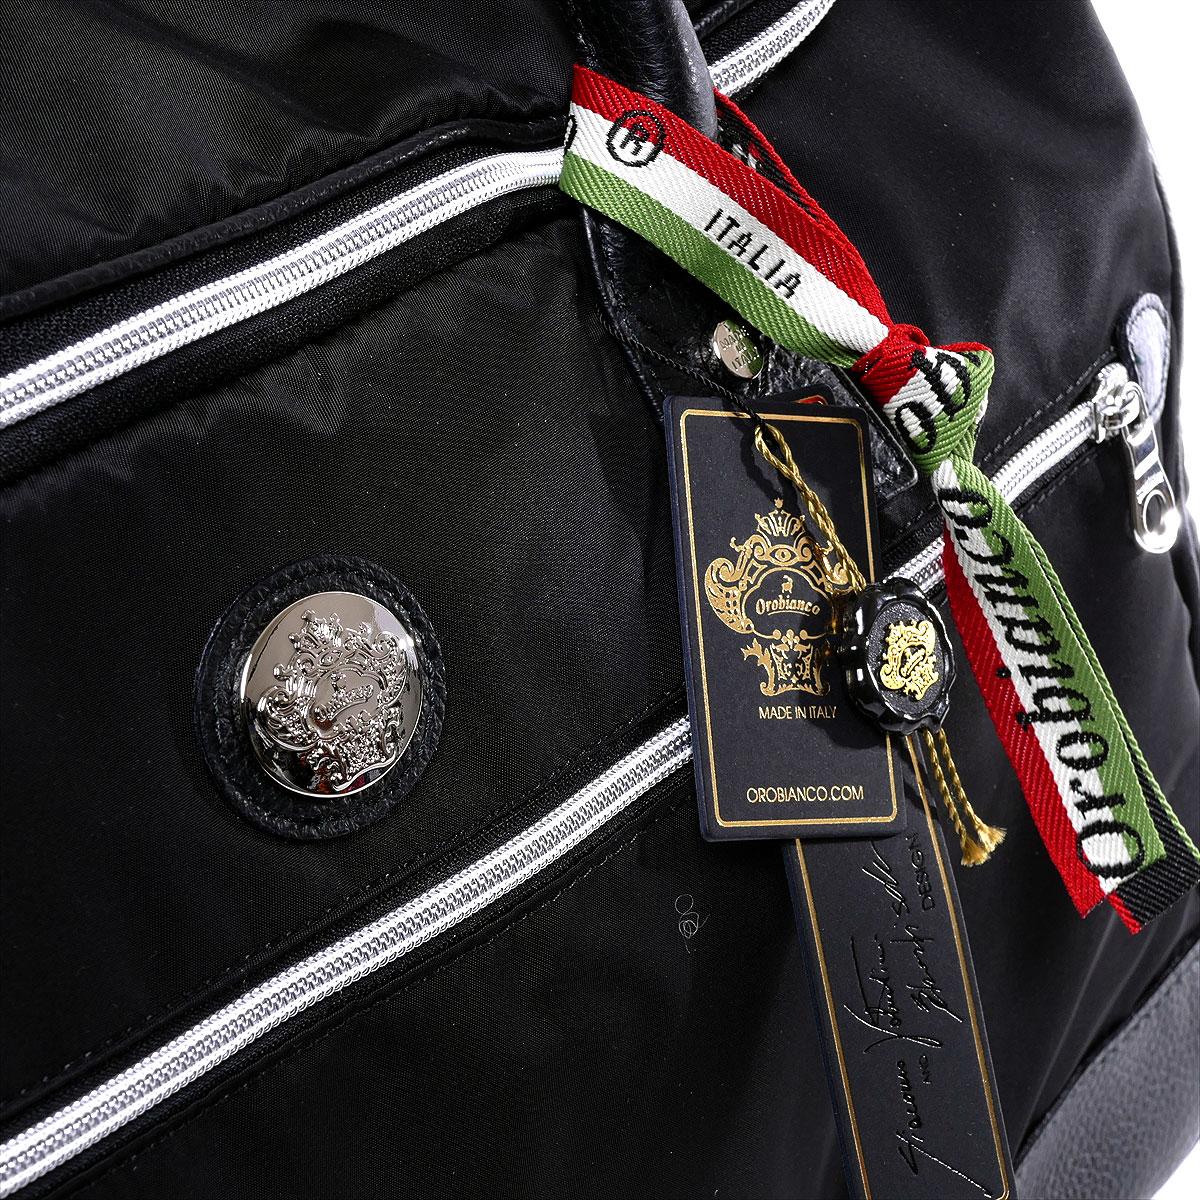 オロビアンコ  大容量ボストンバッグ BERNA(ブラック)メンズ【メンズバッグ ボストンバッグ  大型 旅行 】ダッフルバッグOROBIANCO